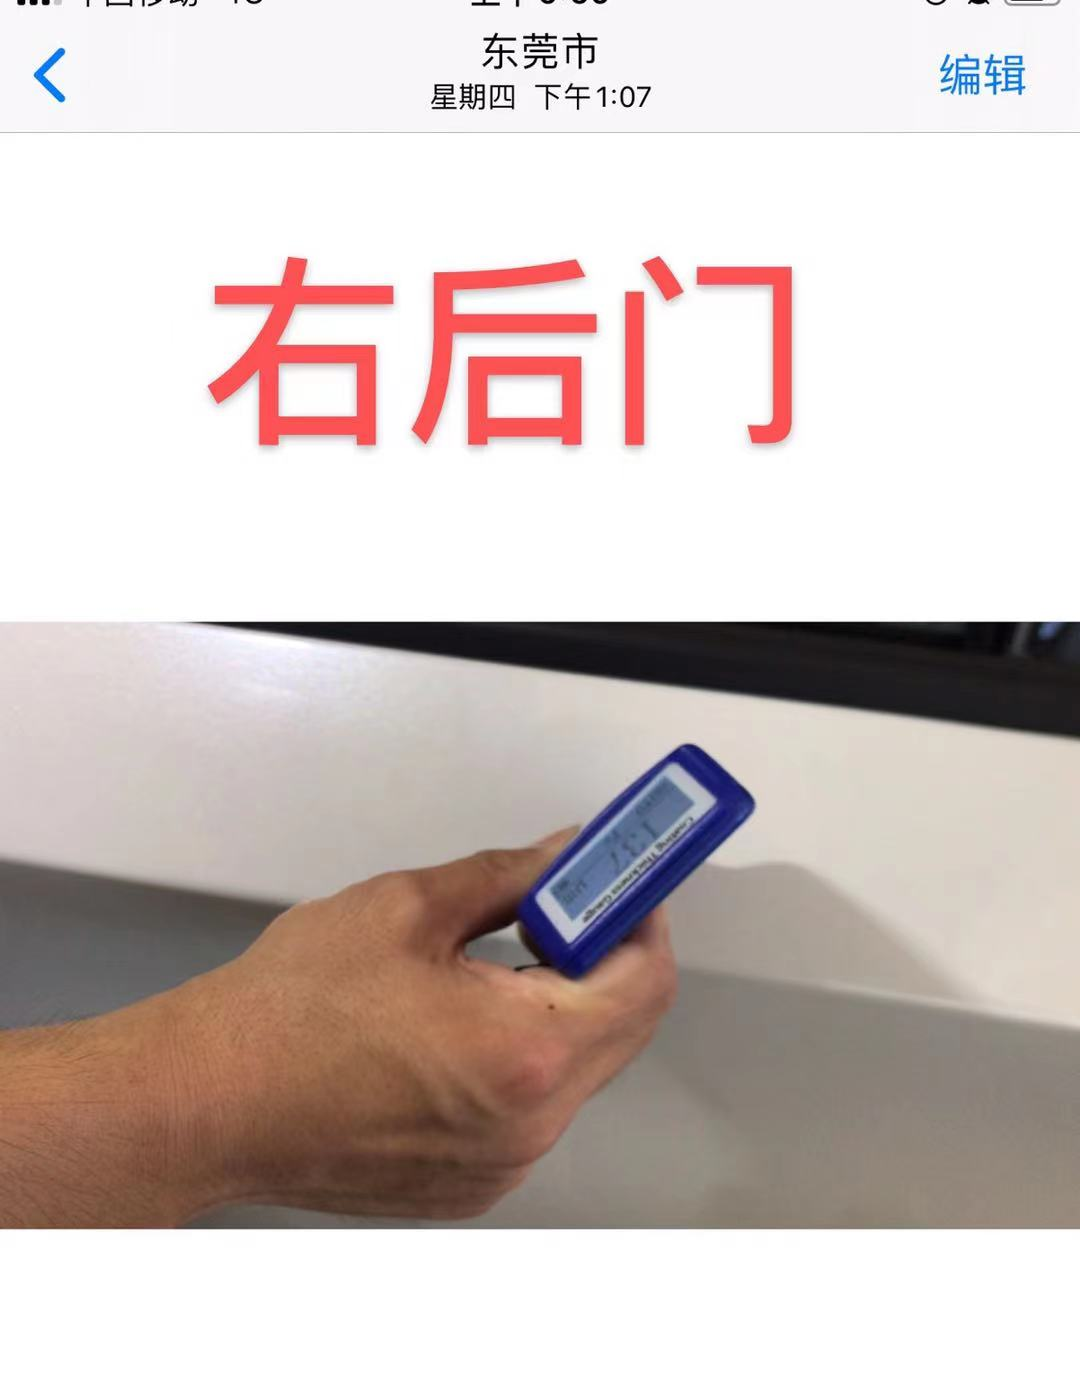 广汽本田雅阁4S店把车身存在二次喷漆的车当新车出售给客户,严重侵犯消费者的合法权益